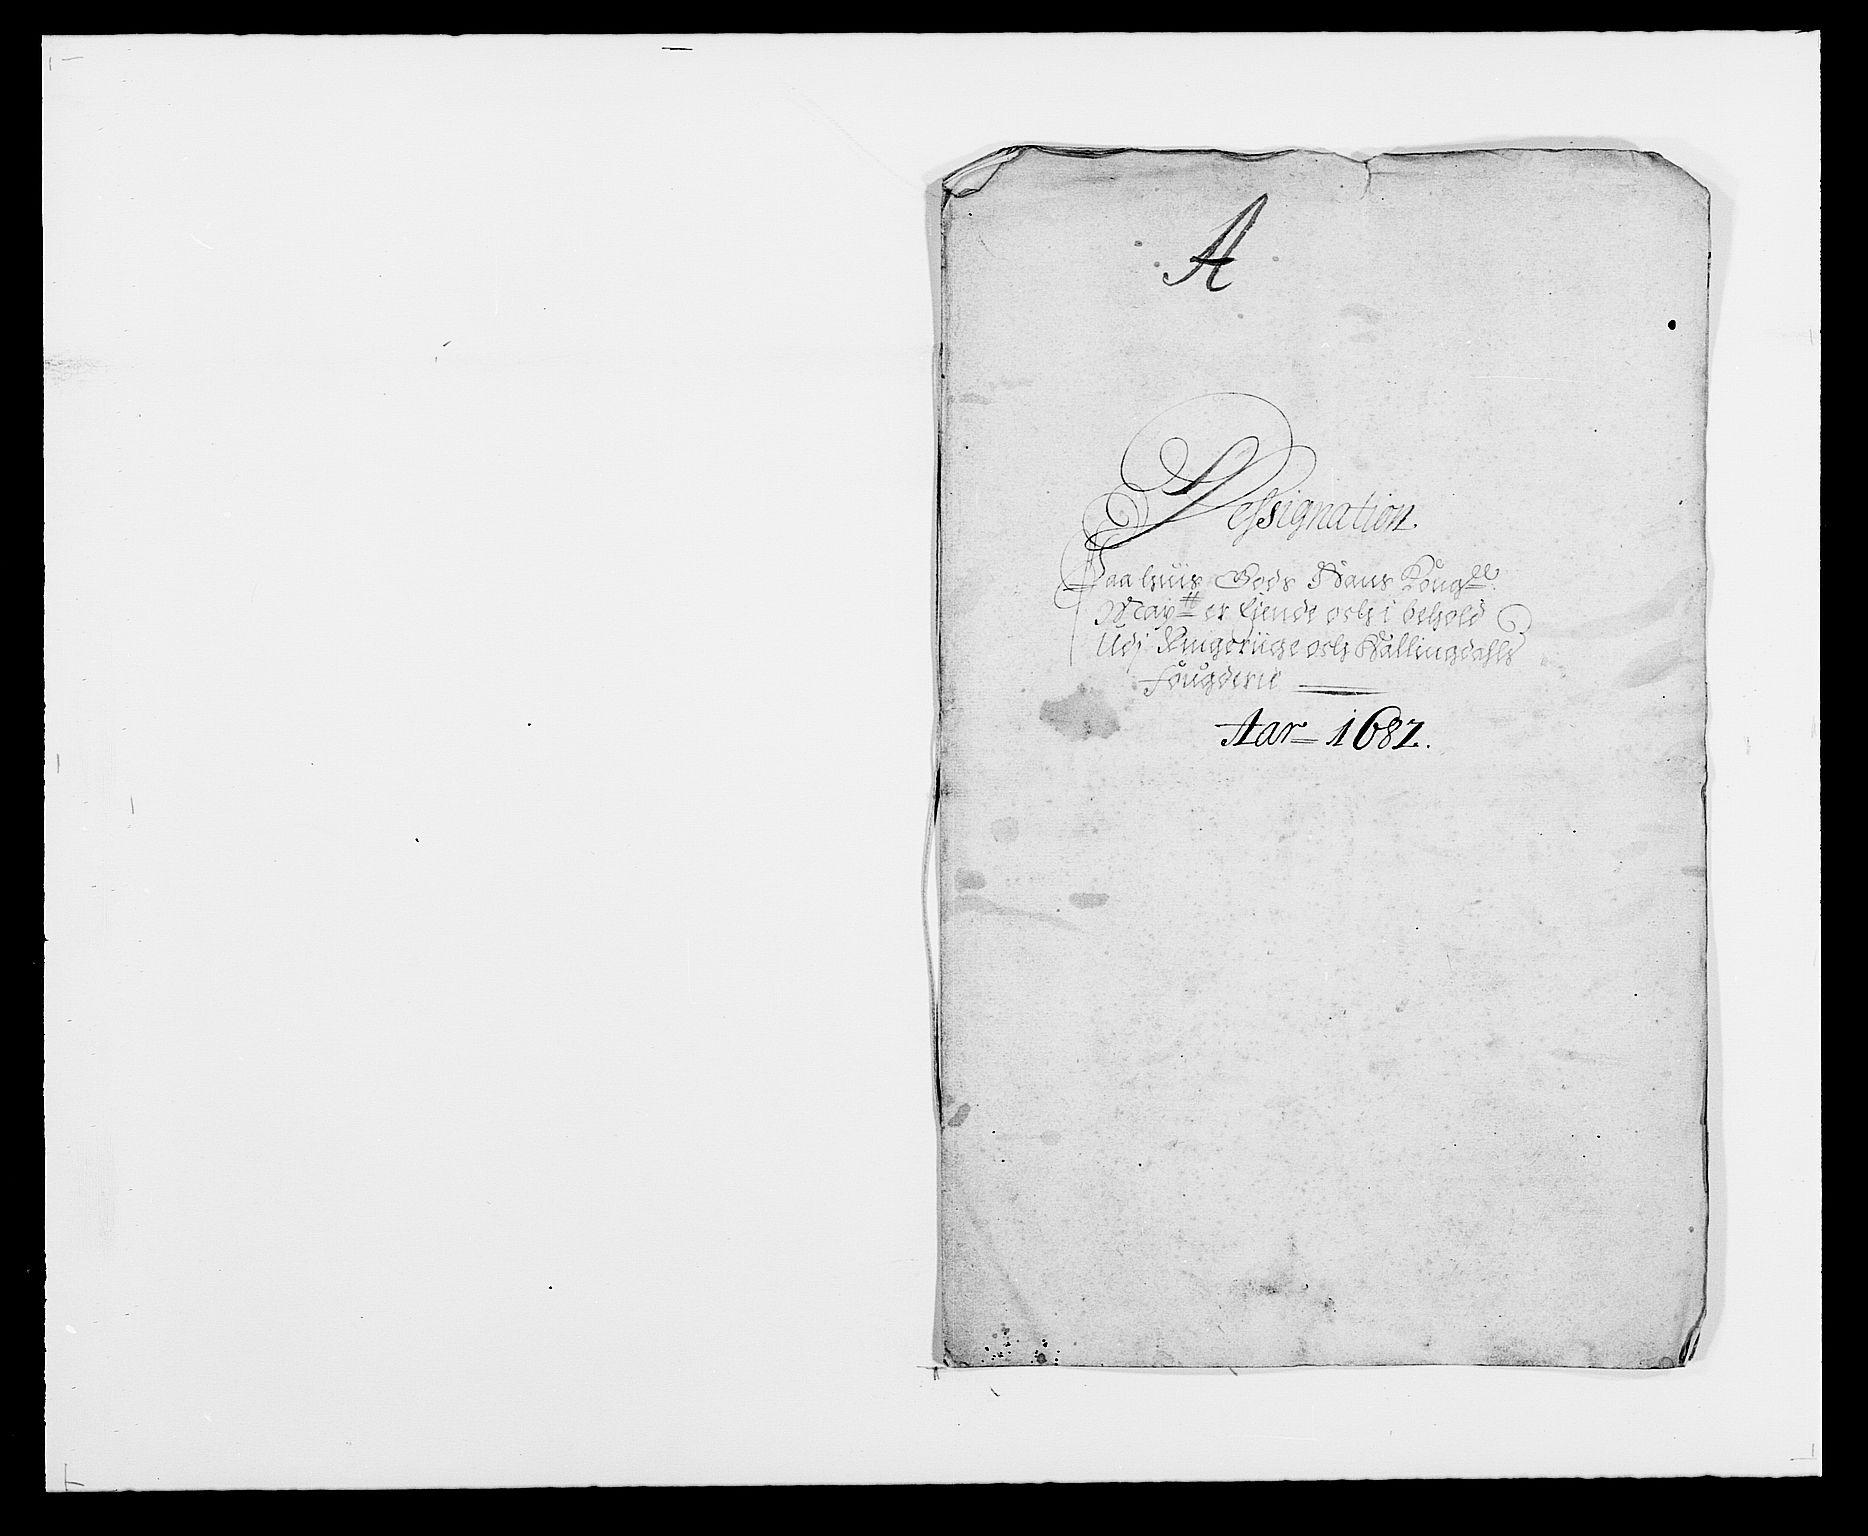 RA, Rentekammeret inntil 1814, Reviderte regnskaper, Fogderegnskap, R21/L1445: Fogderegnskap Ringerike og Hallingdal, 1681-1689, s. 227